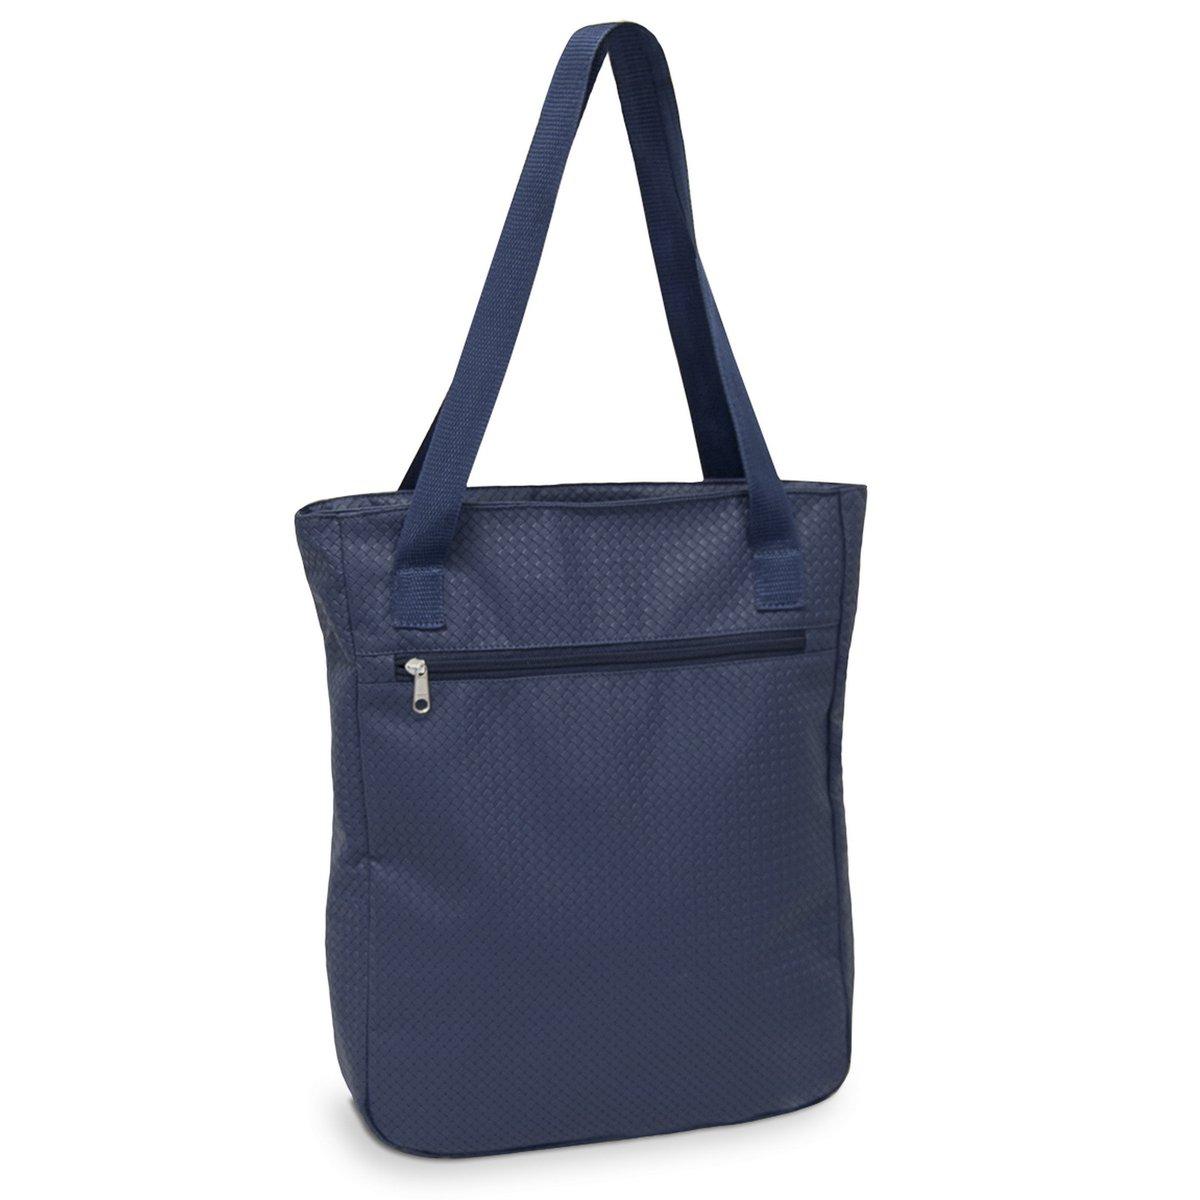 d5b6a6bfe Bolsa Pasta Tote Bag LS Bolsas com alças de ombro e bolso frontal